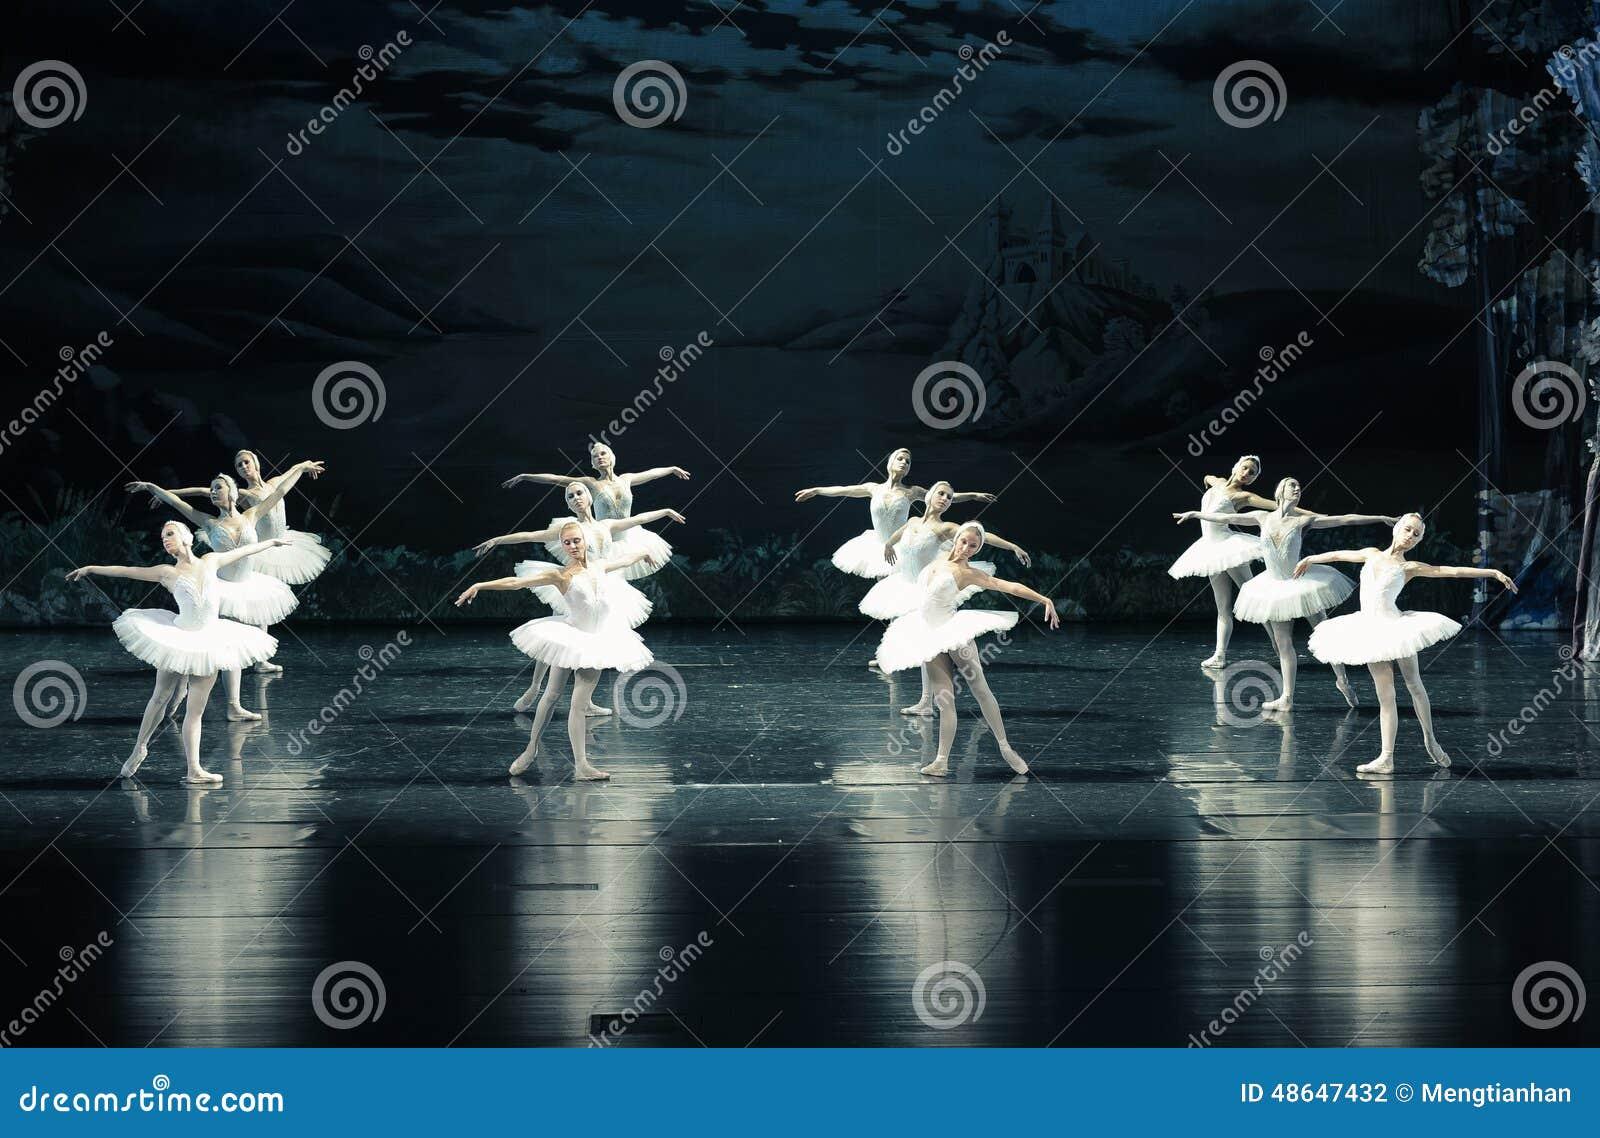 天鹅部落芭蕾天鹅湖